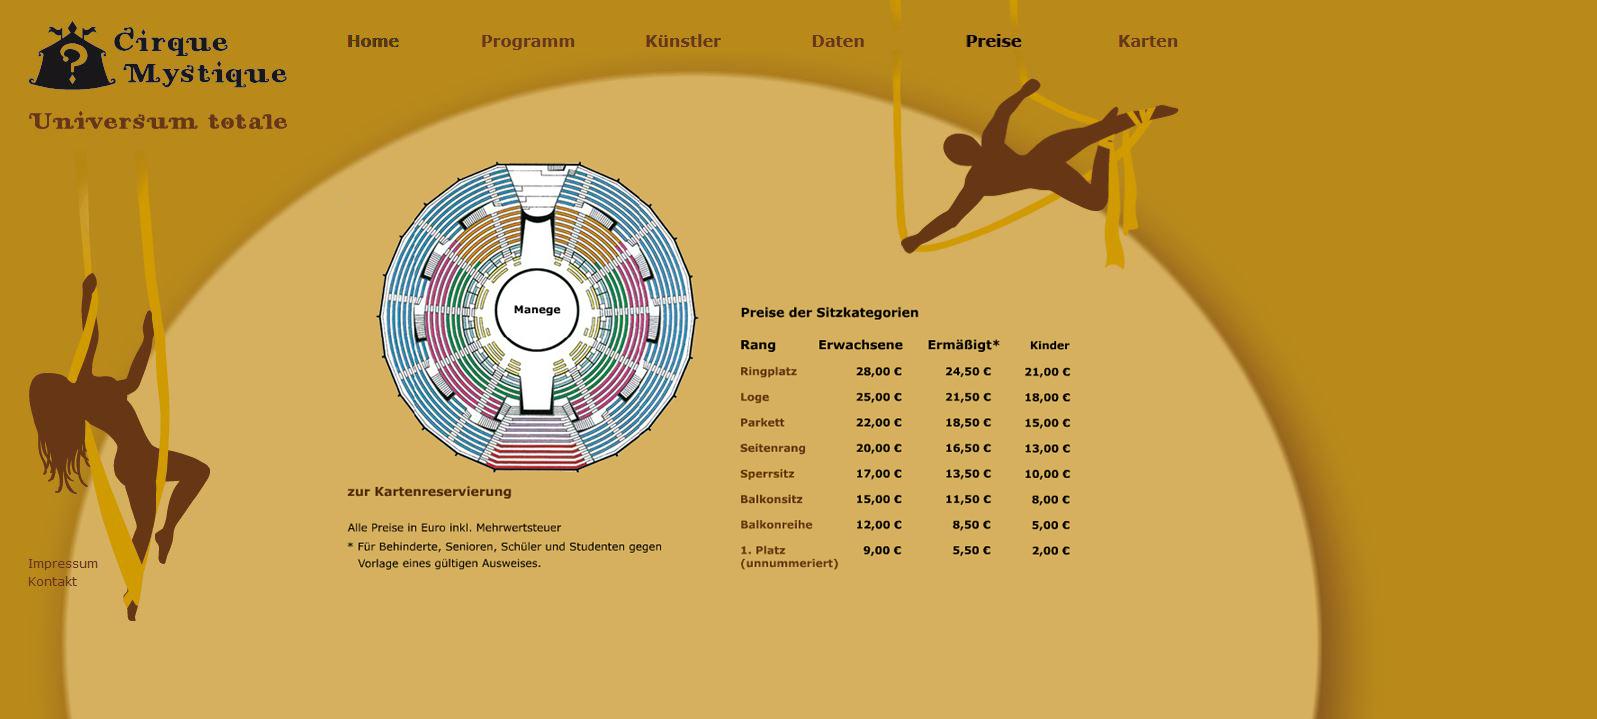 Cirque Mystique - Sitzkategorien und Preise